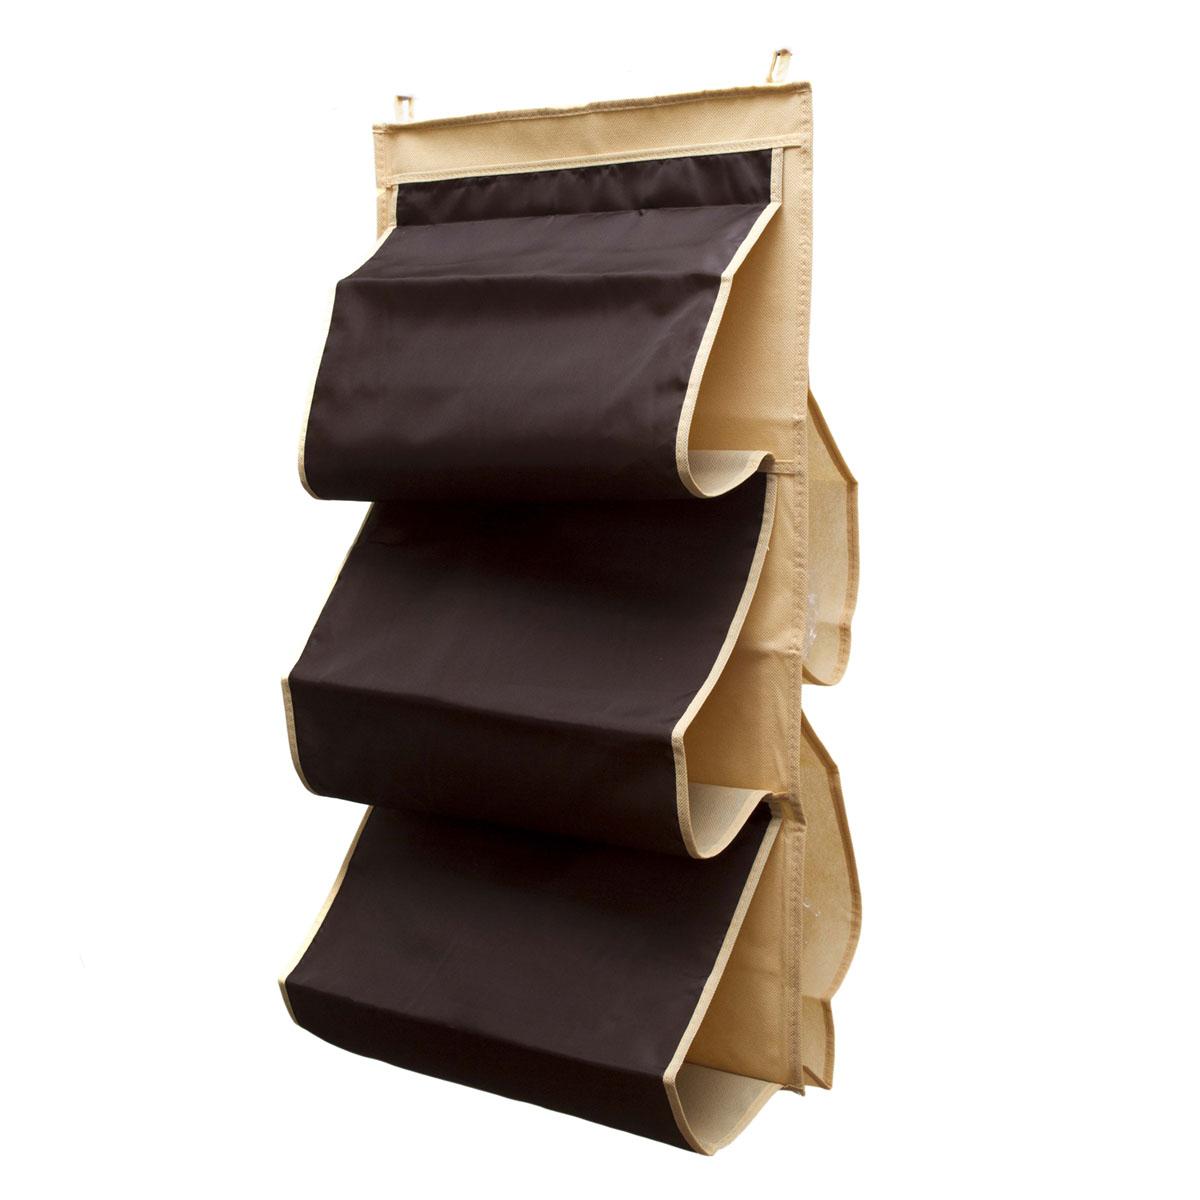 Органайзер для сумок Homsu Costa-Rica, 5 отделений, 40 х 70 смHOM-41Органайзер для хранения сумок Homsu Costa-Rica изготовлен из полиэстера. Изделие имеет 5 отделений, его можно повесить в удобное место за крючки. Такой компактный и удобный в каждодневном использовании аксессуар, как этот органайзер, размещающийся в пространстве шкафа, на плоскости стены или дверей.Практичный и удобный органайзер для хранения сумок.Размер чехла: 40 х 70 см.